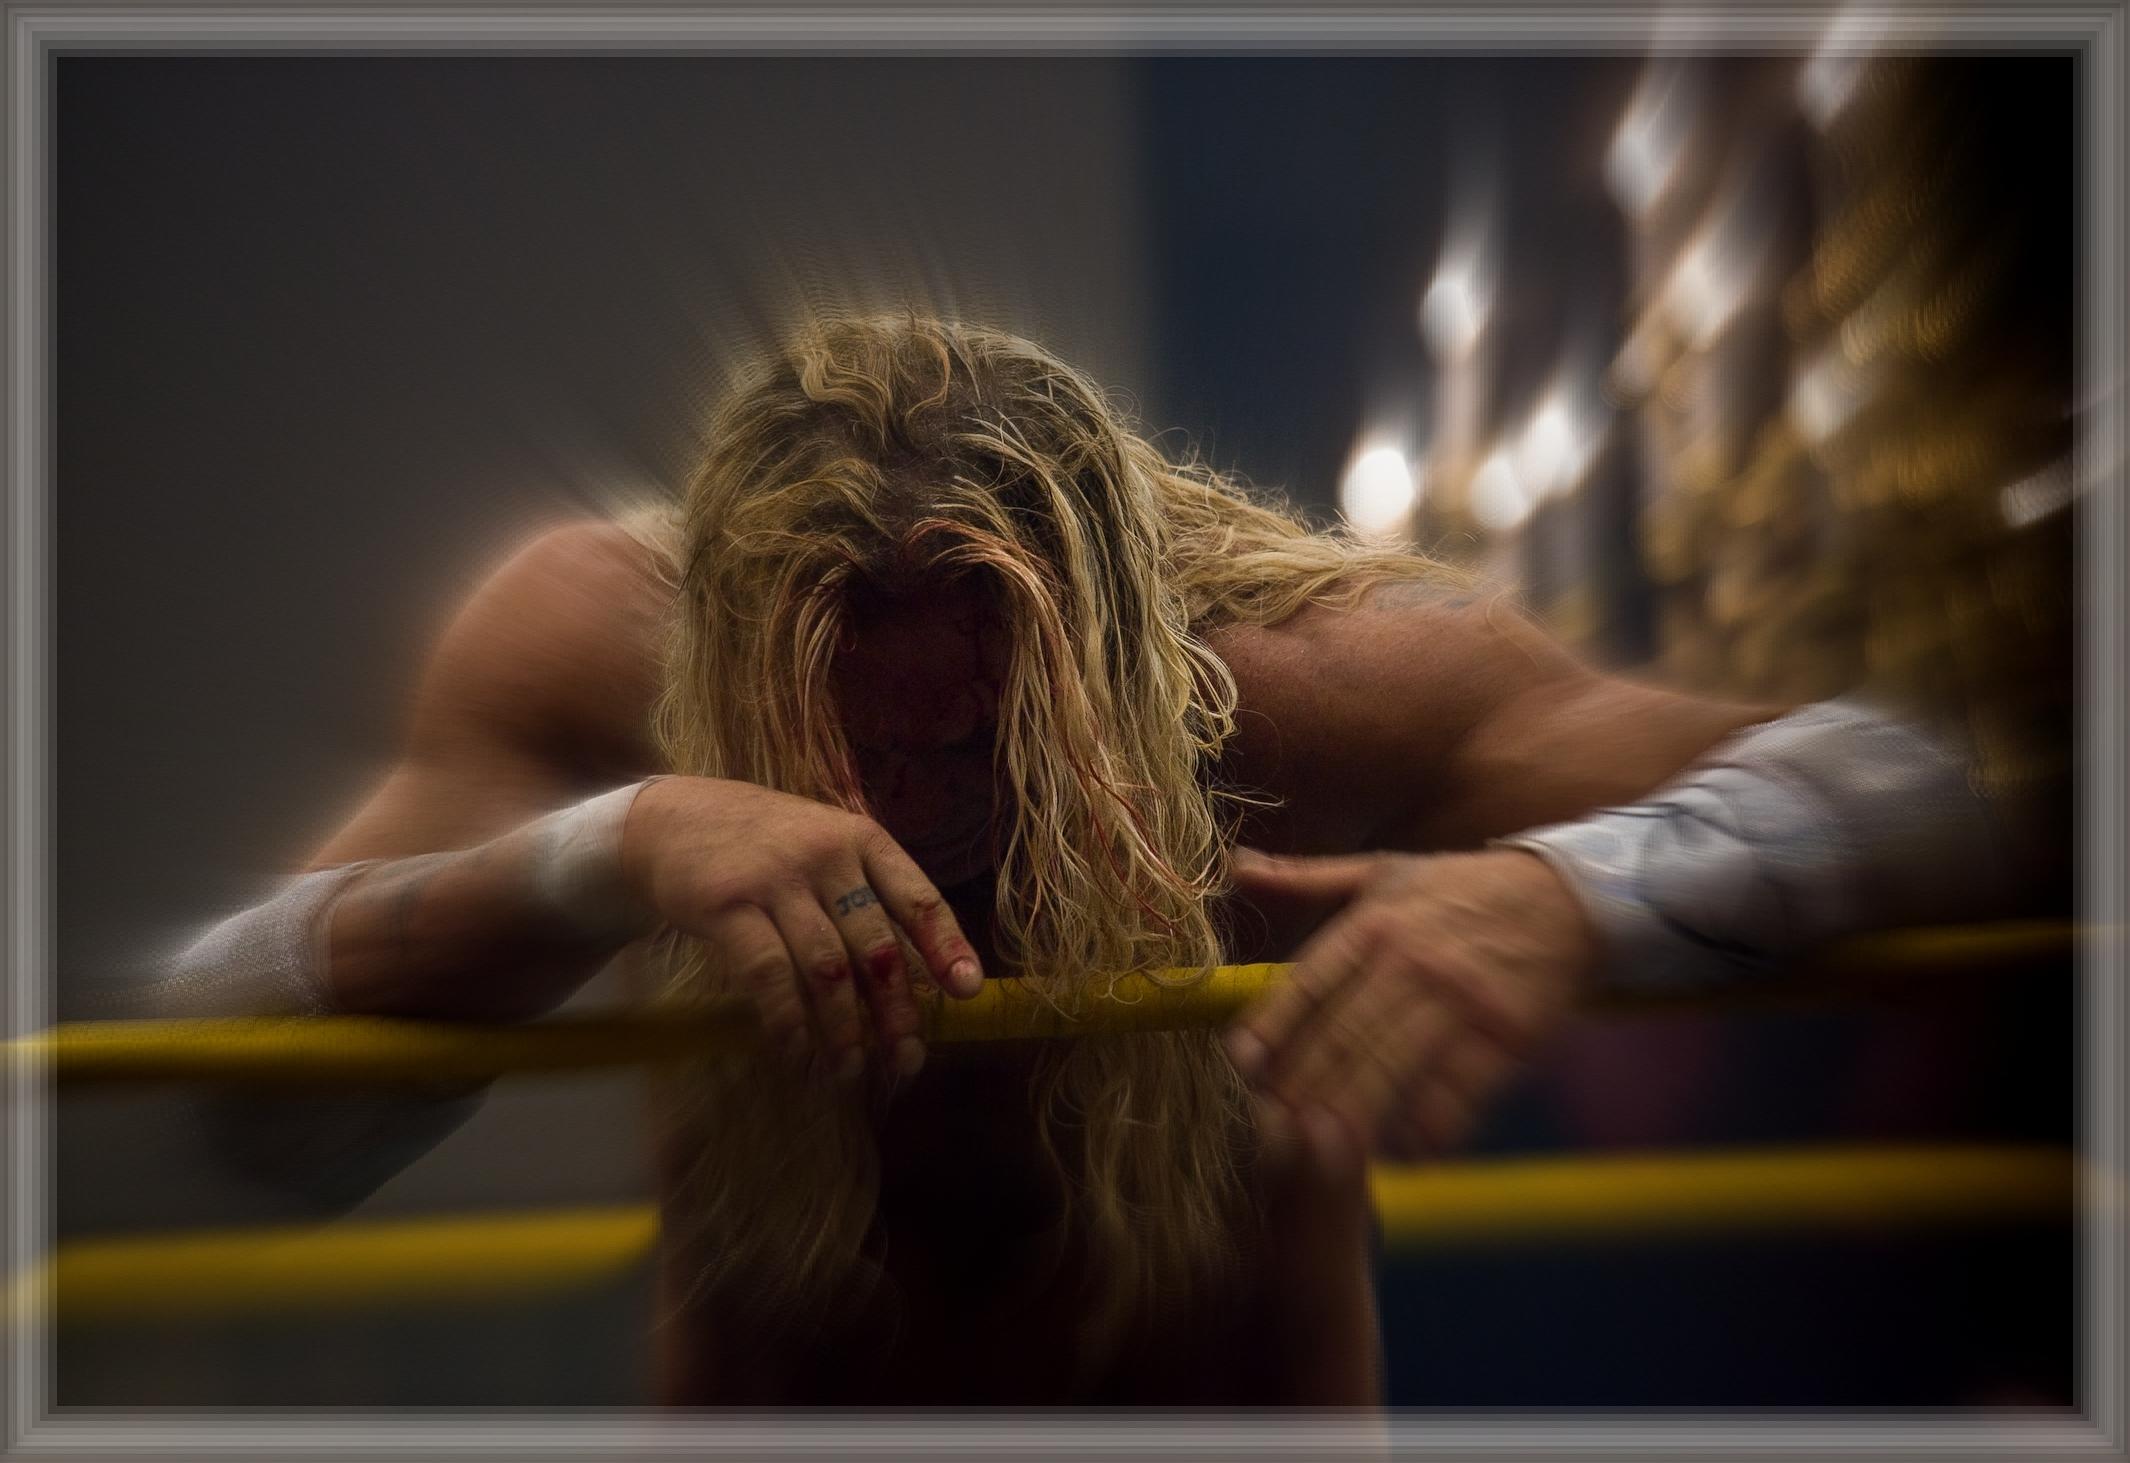 rourke wrestler